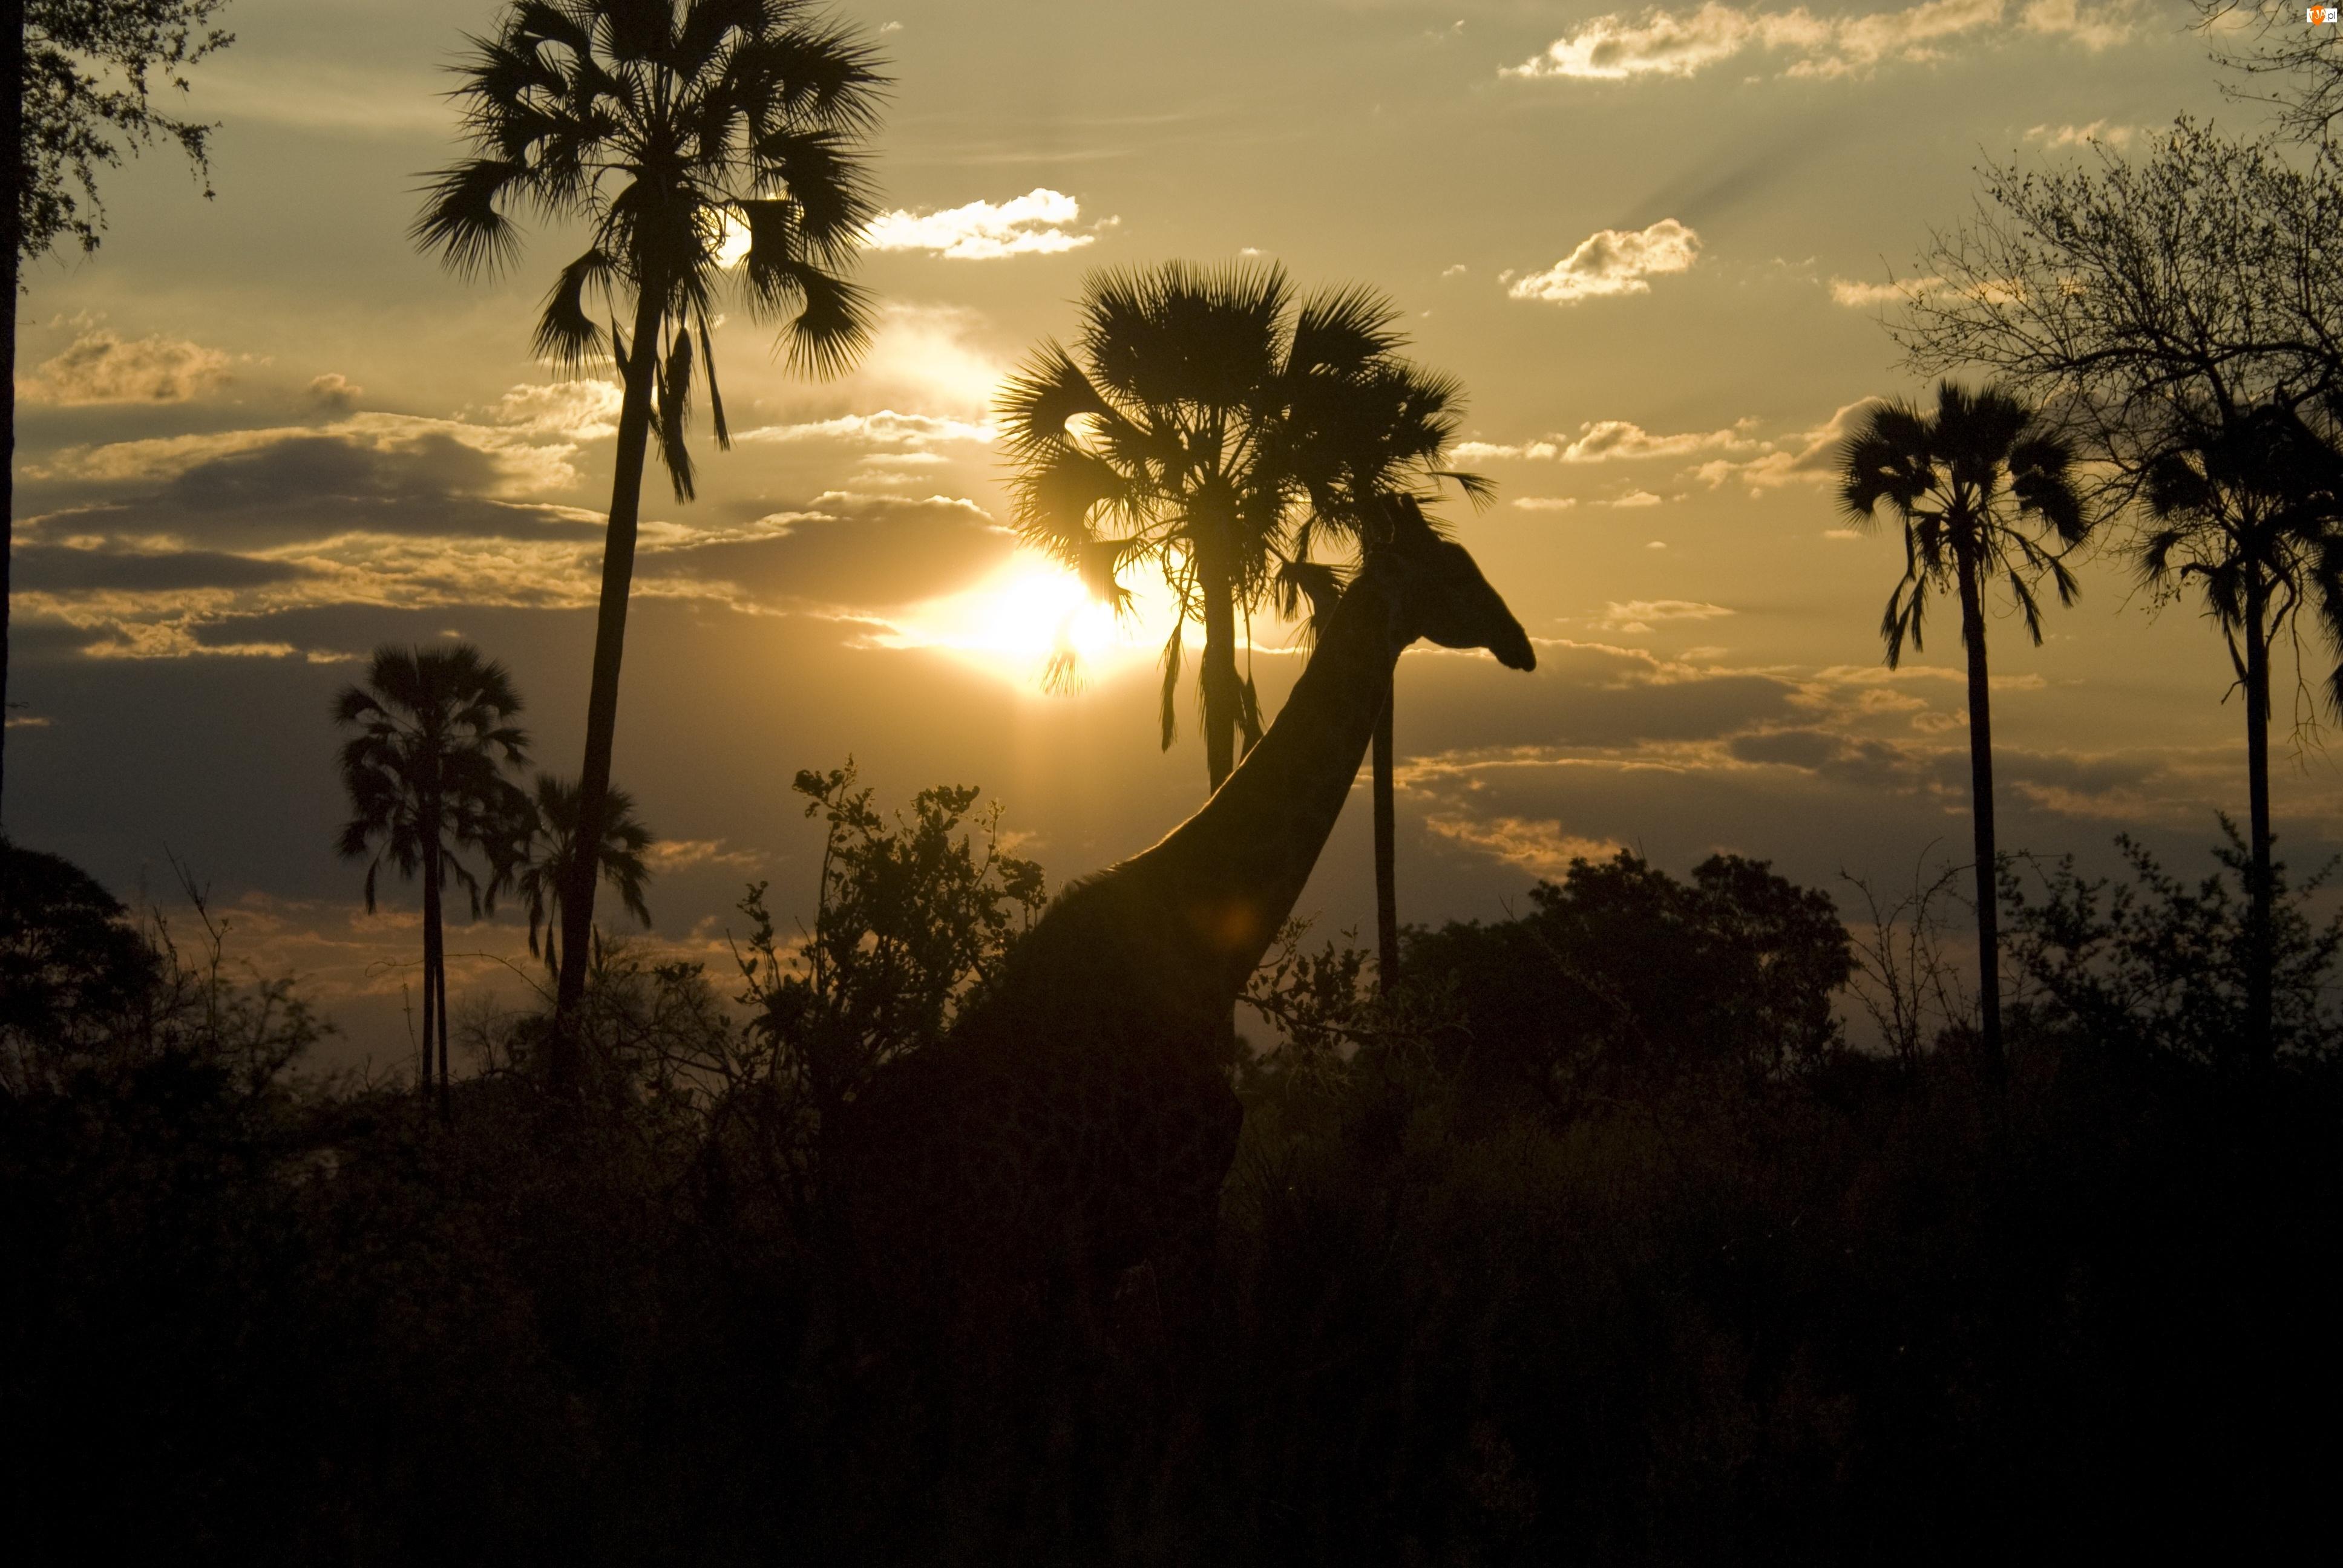 Słońce, Żyrafa, Palmy